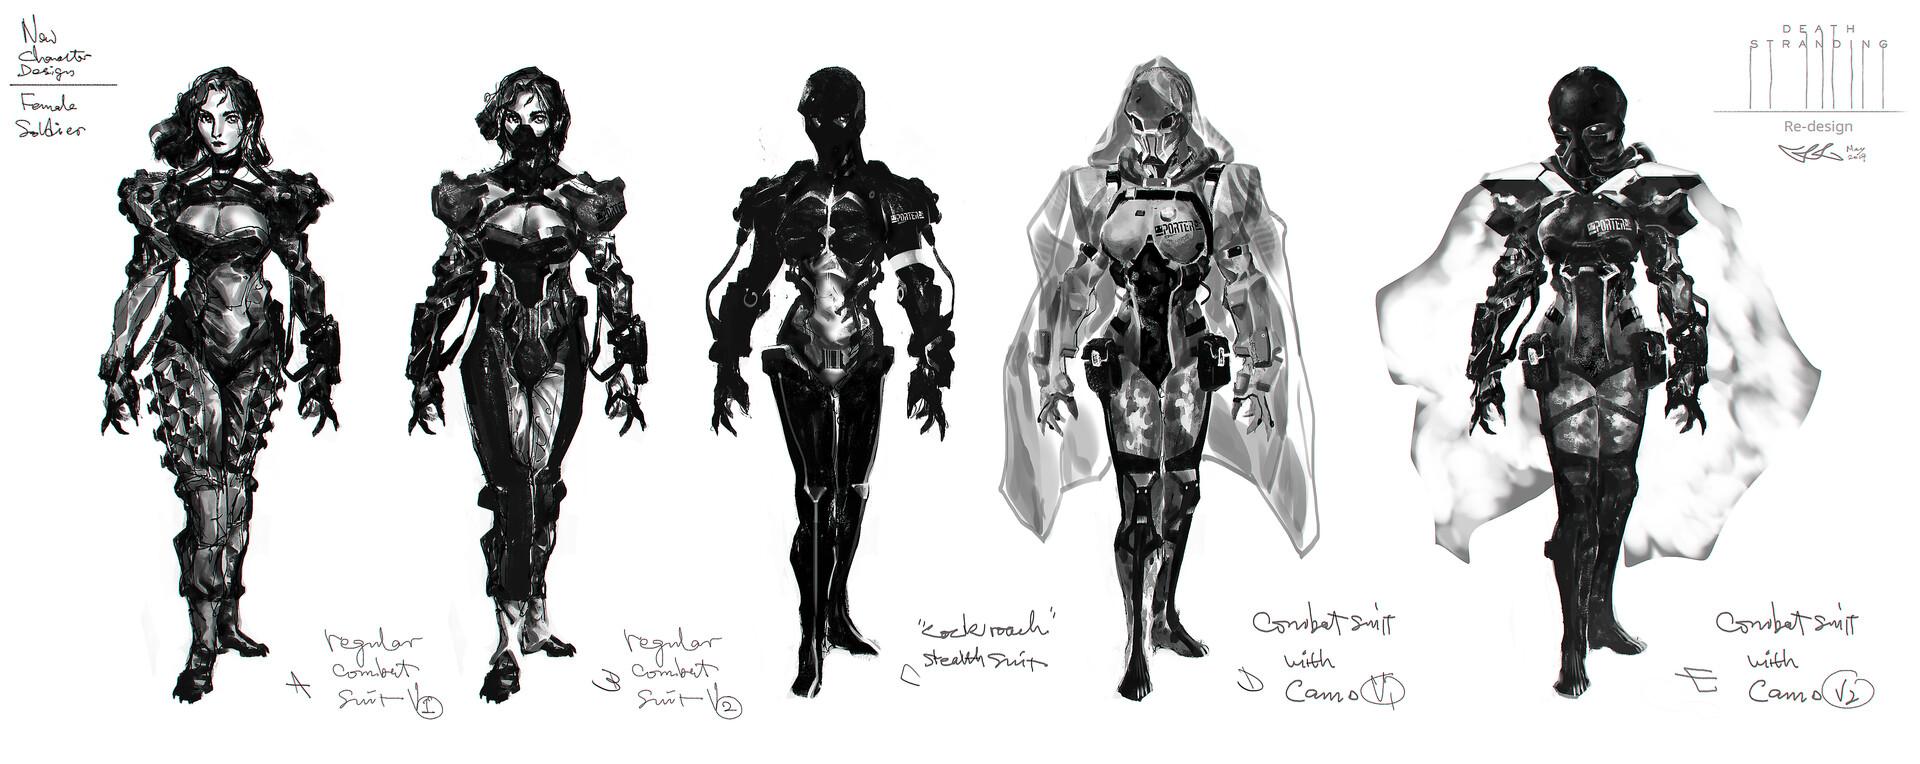 Female soldier designs